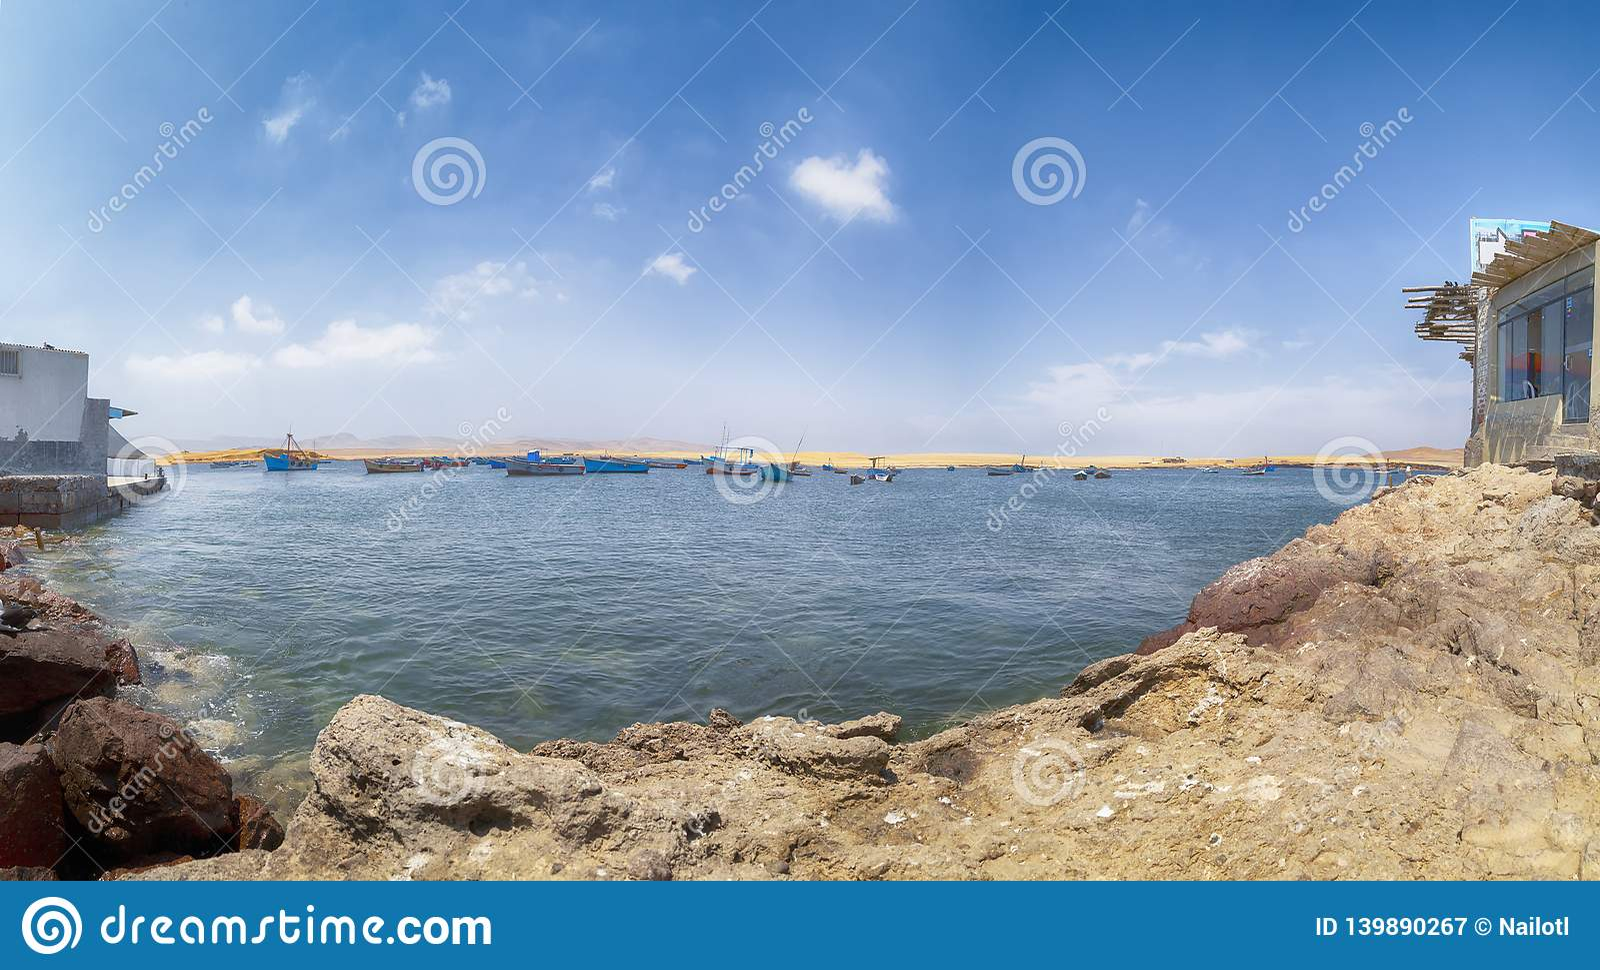 Panoramablick von Lagunillas-Strand im national Reserve von Paracas-Park, Peru